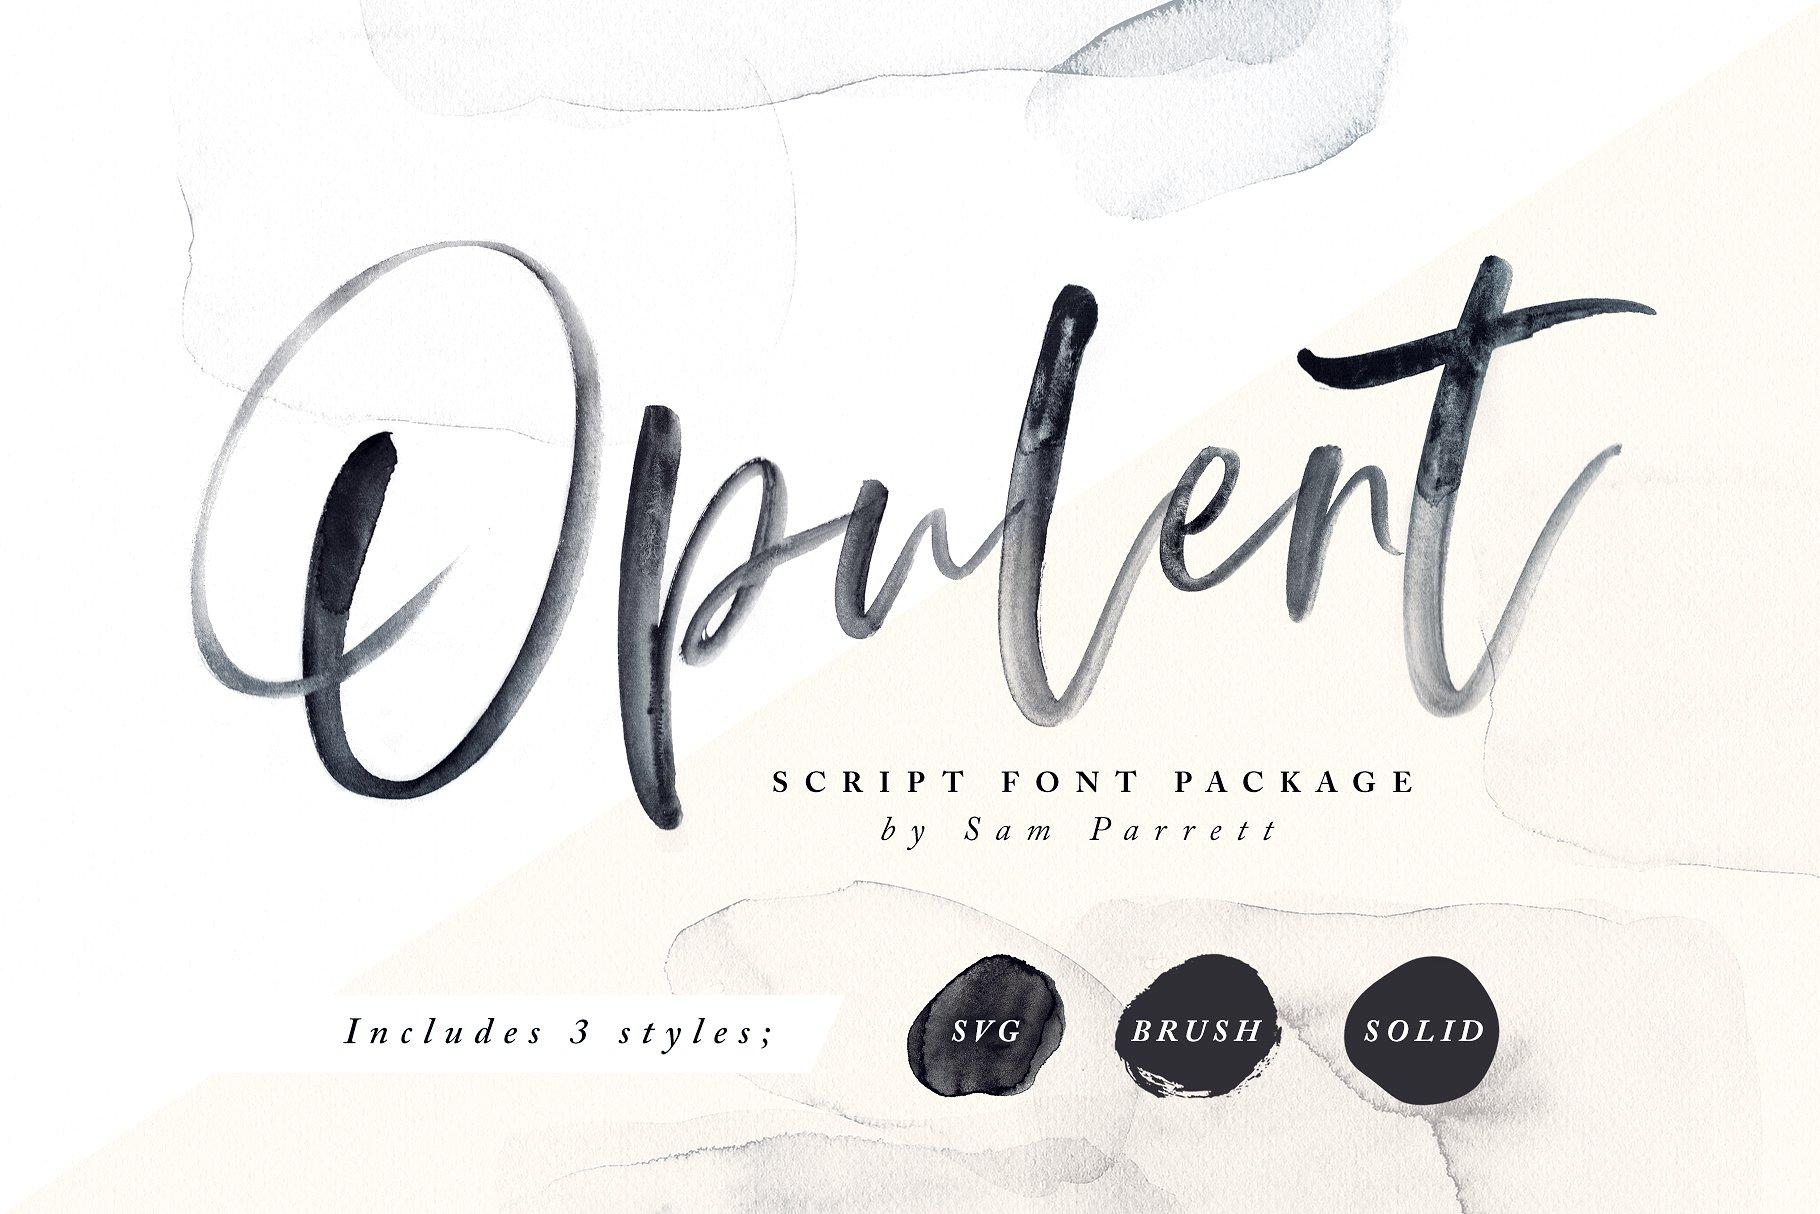 8. Opulent Font + SVG